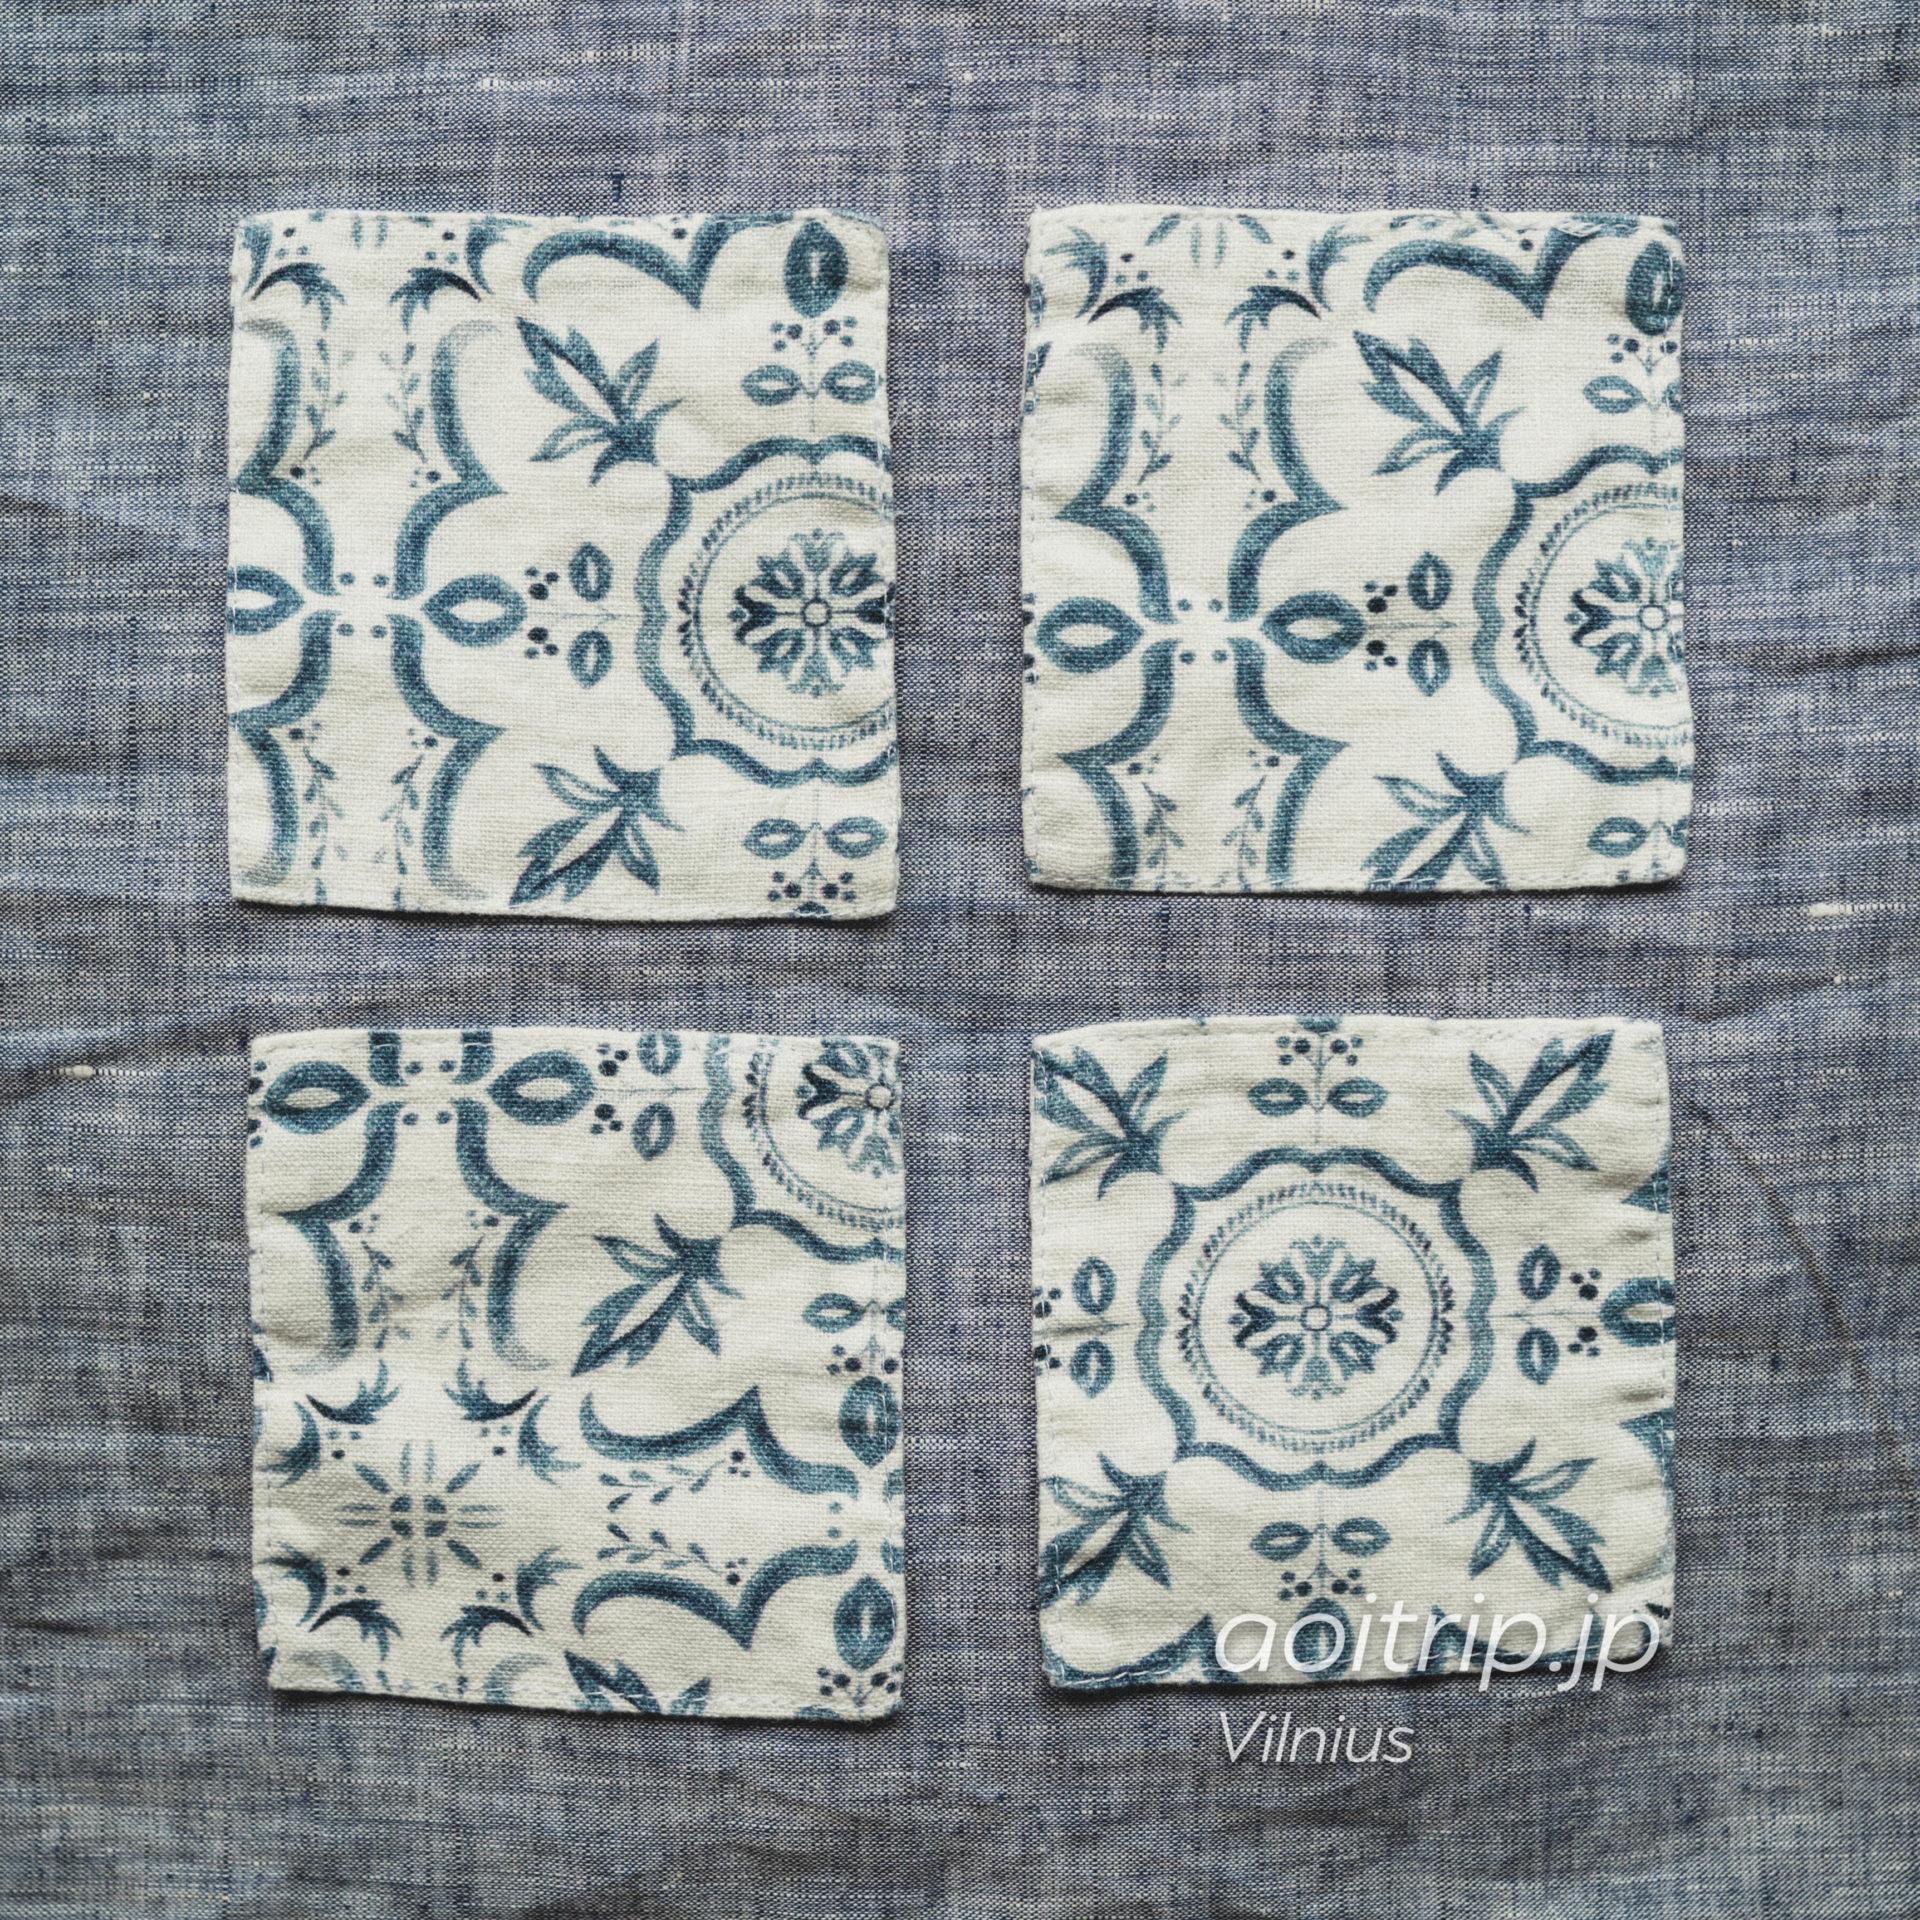 リトアニア ヴィリニュスのリネンテイルズ(Linen Tales) 100%リネンのコースター Coasters 100%Linen